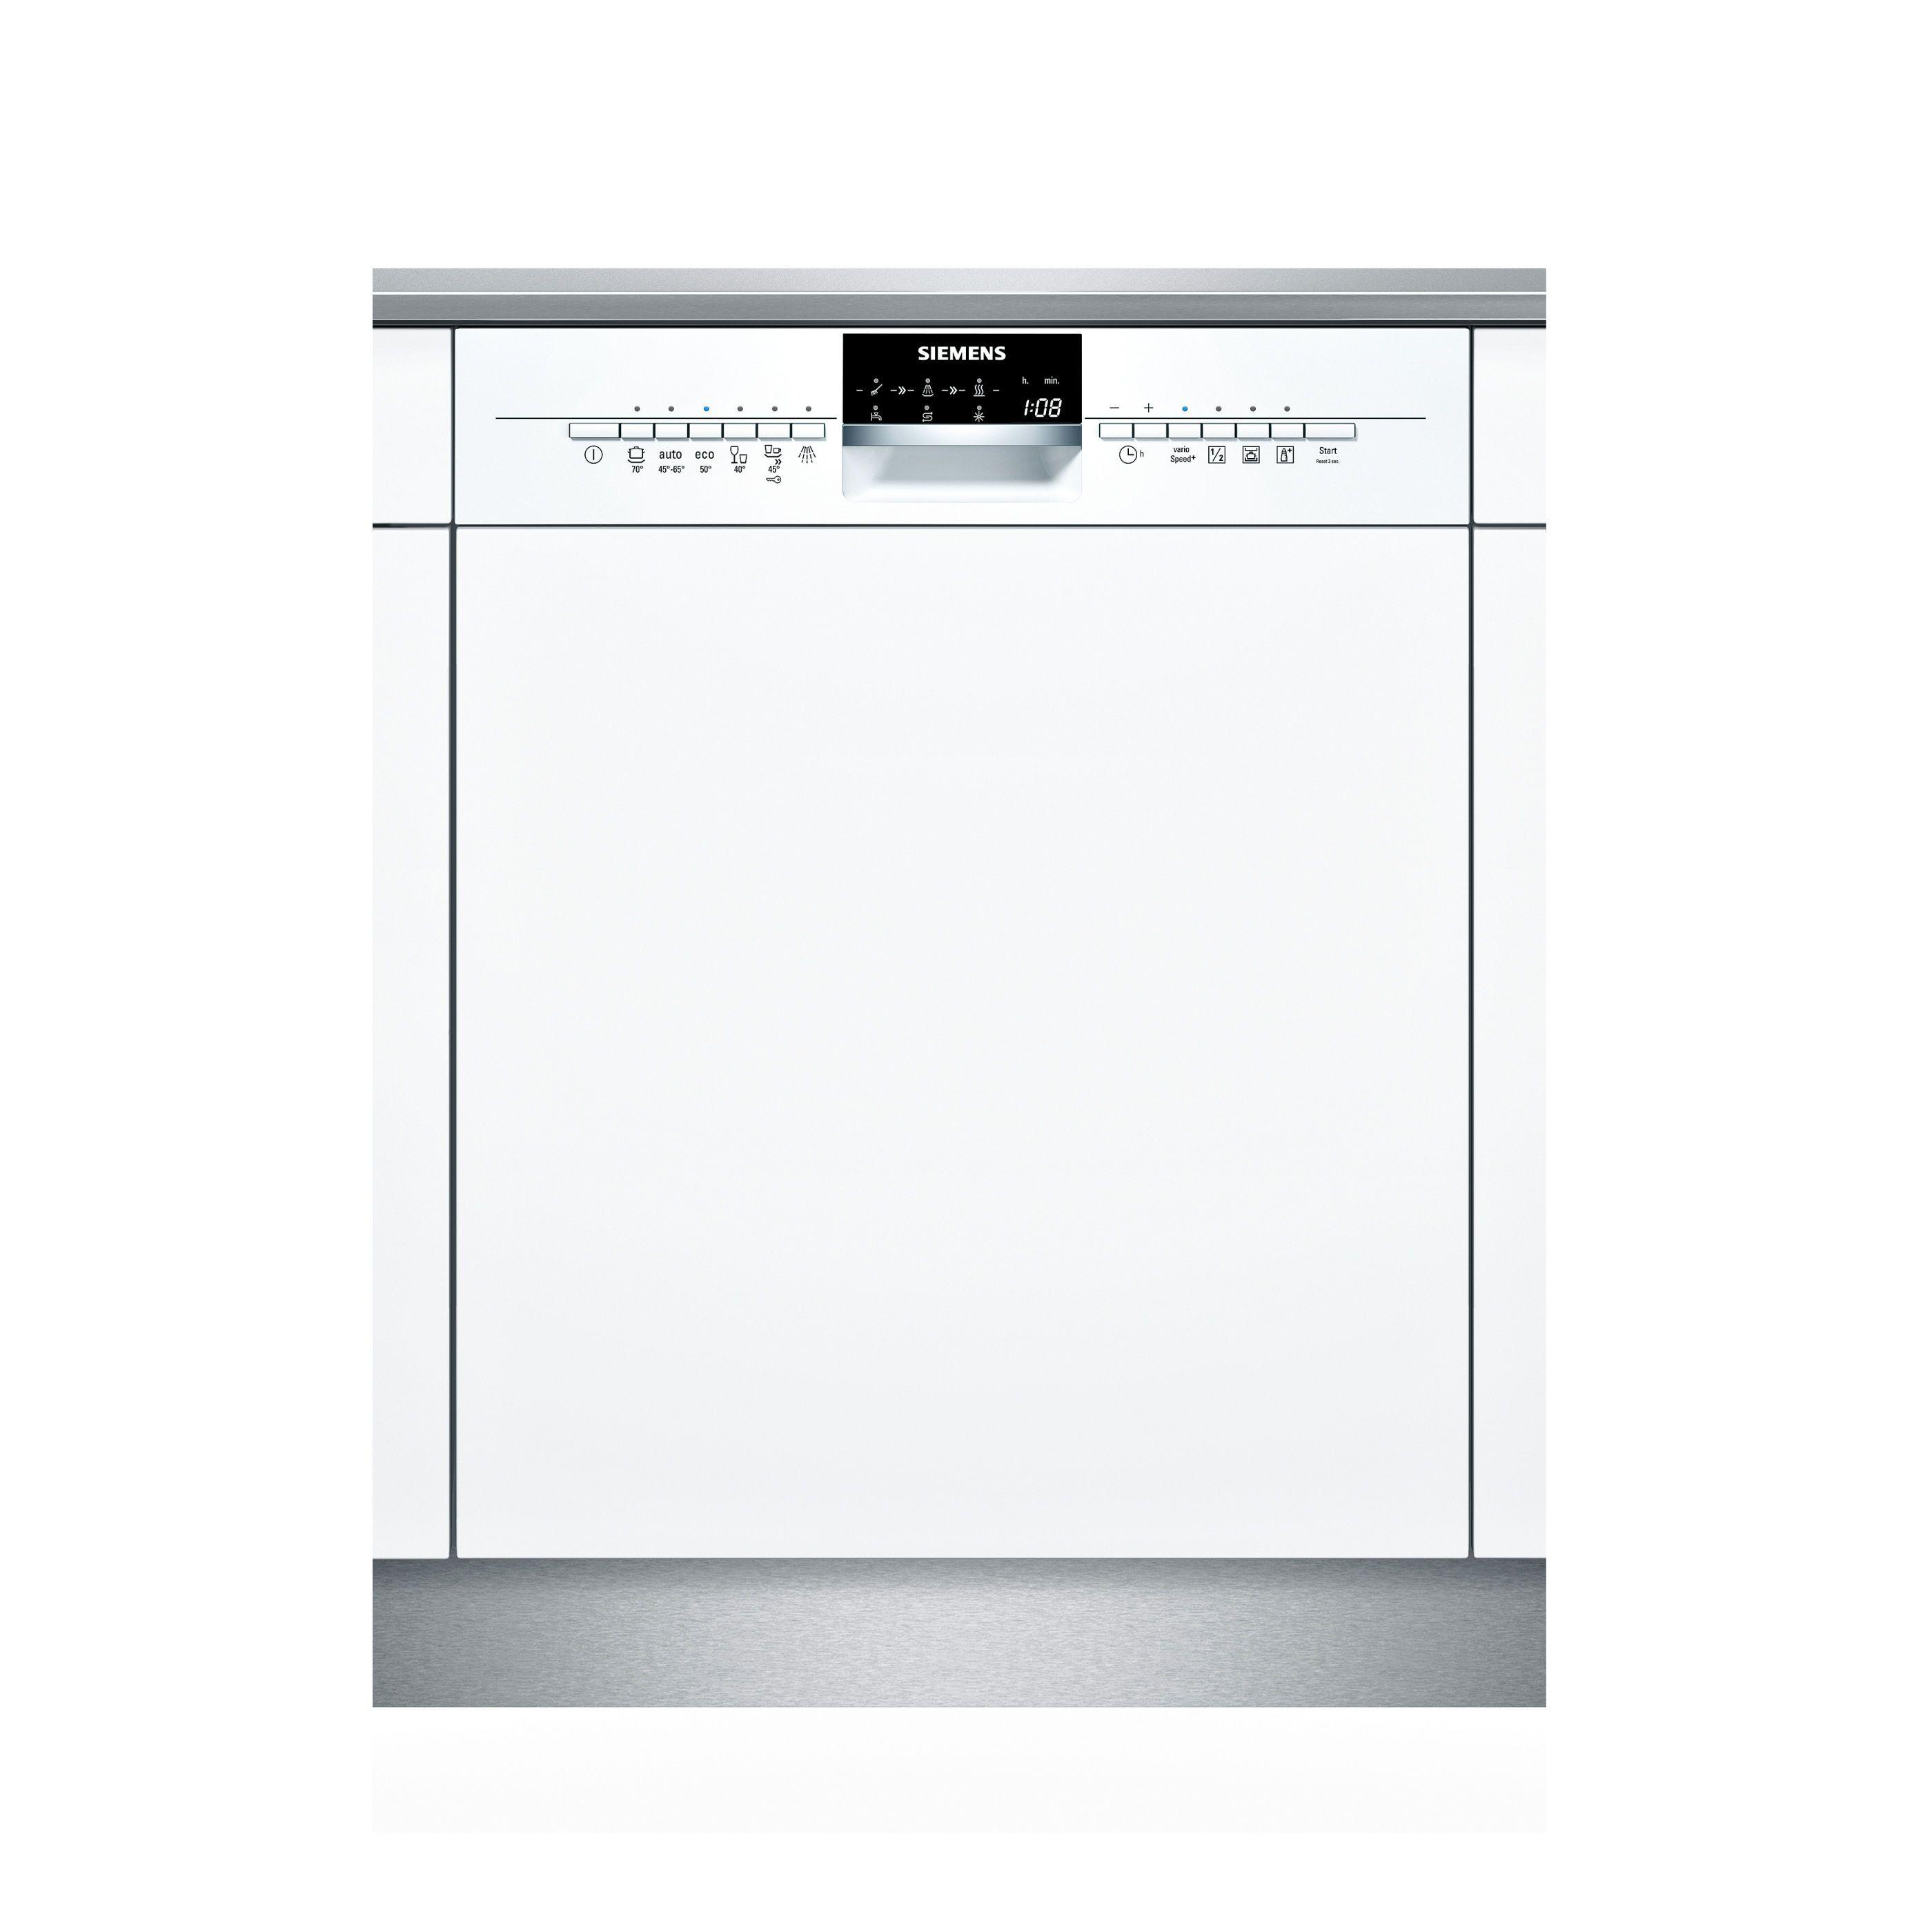 47 Genial Geschirrspuler Integrierbar 60 Cm Arbeitsplatte Kuche Geschirrspuler Geschirr